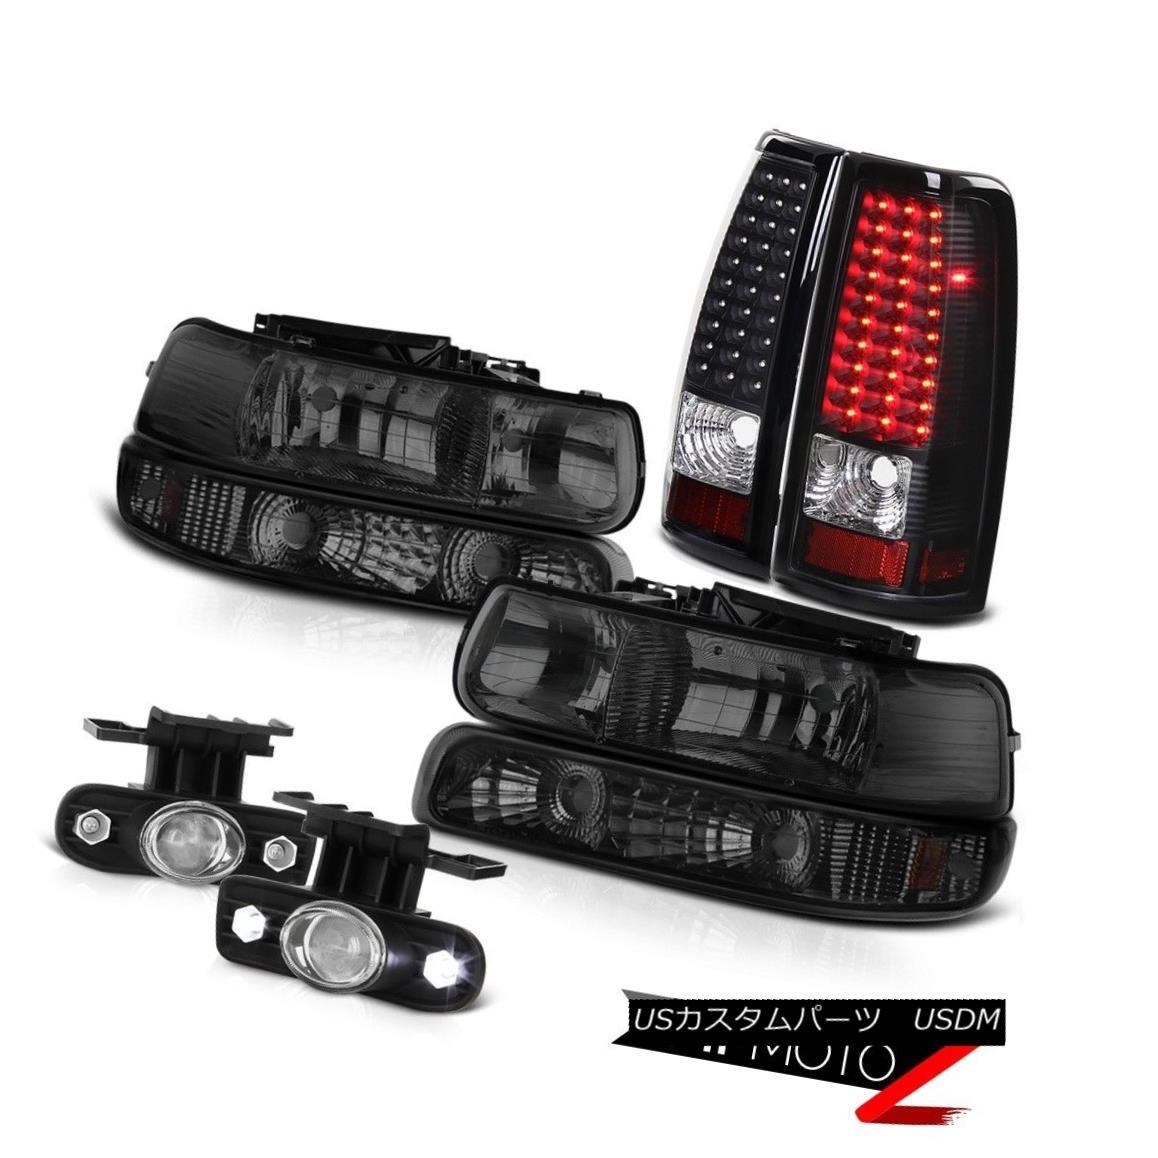 テールライト Matte Black Rear LED Tail Light Brake Lamp Projector Foglights Smoke Headlights マットブラックリアLEDテールライトブレーキランププロジェクターフォグライトスモークヘッドライト